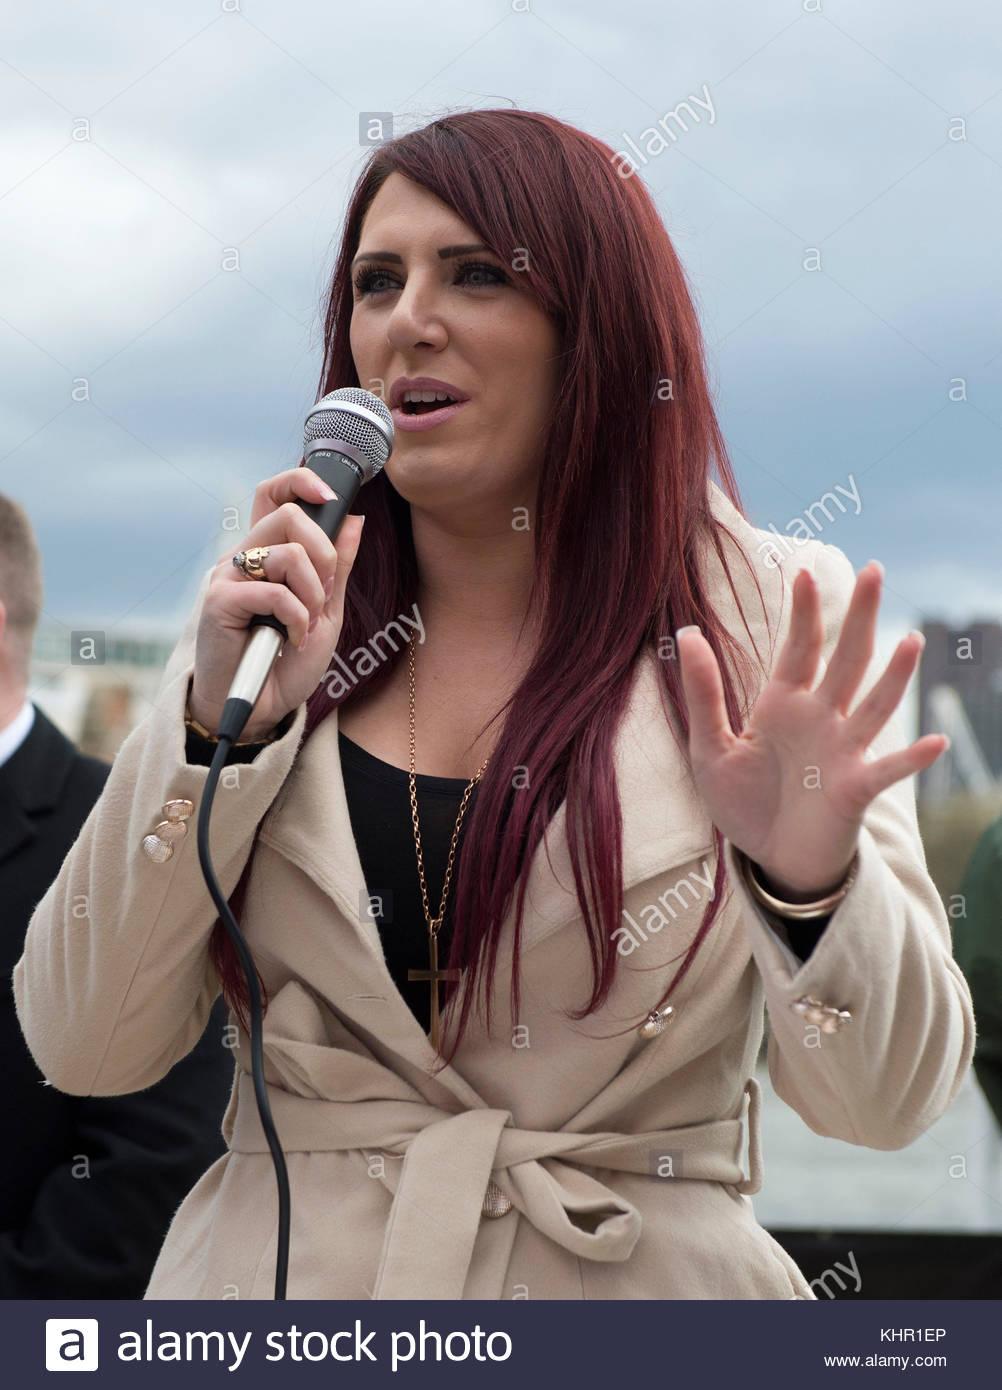 Foto vom 01/02/17 Der stellvertretende Vorsitzende der rechtsextremen Gruppe Großbritannien erste, jayda Fransen, Stockfoto